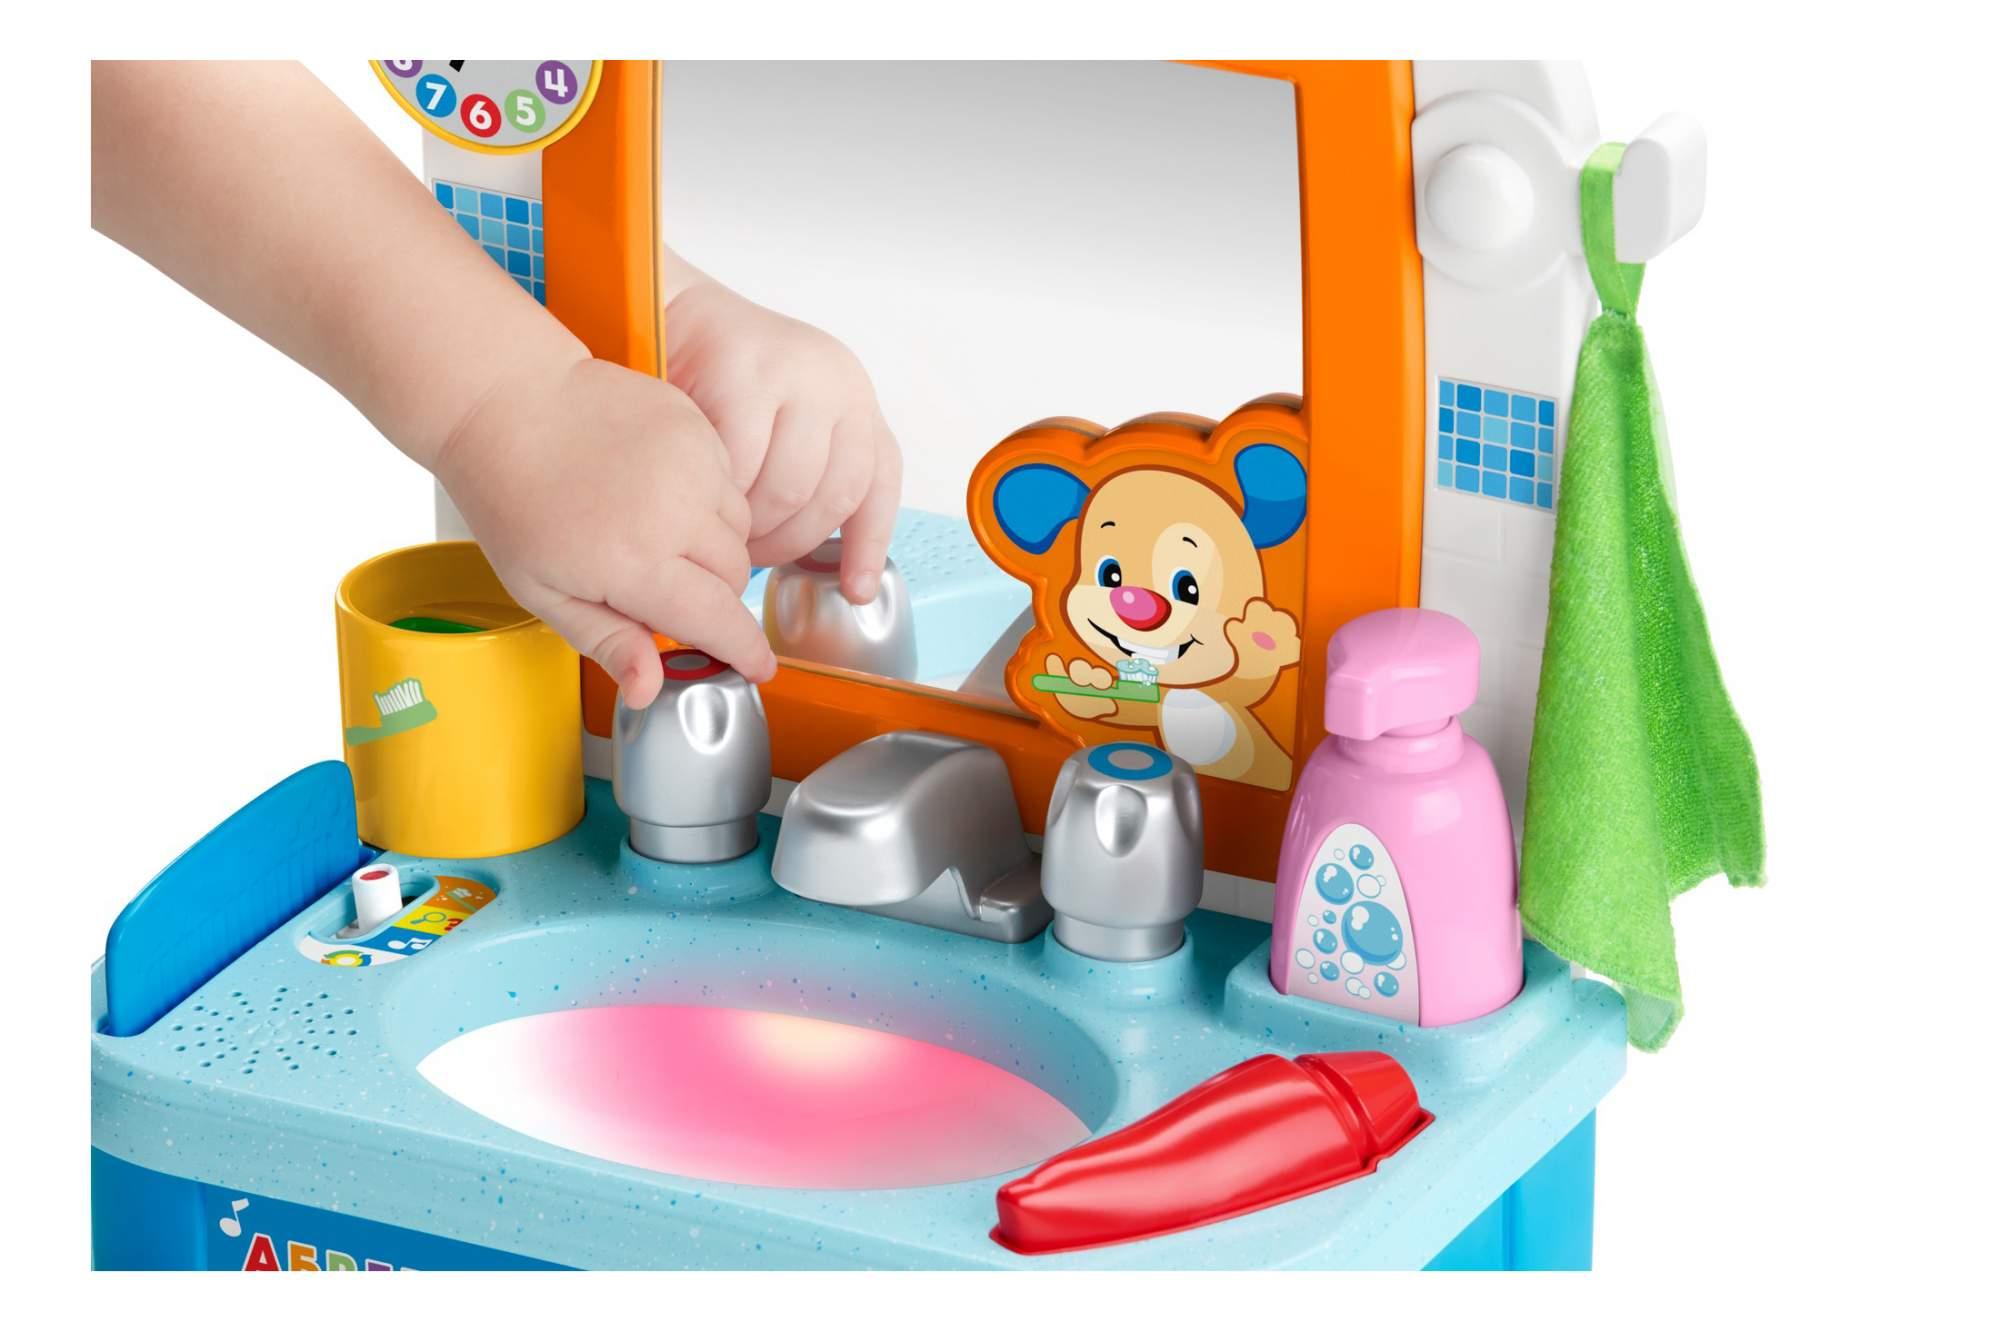 Развивающая игрушка Fisher-Price Умывальник ученого щенка